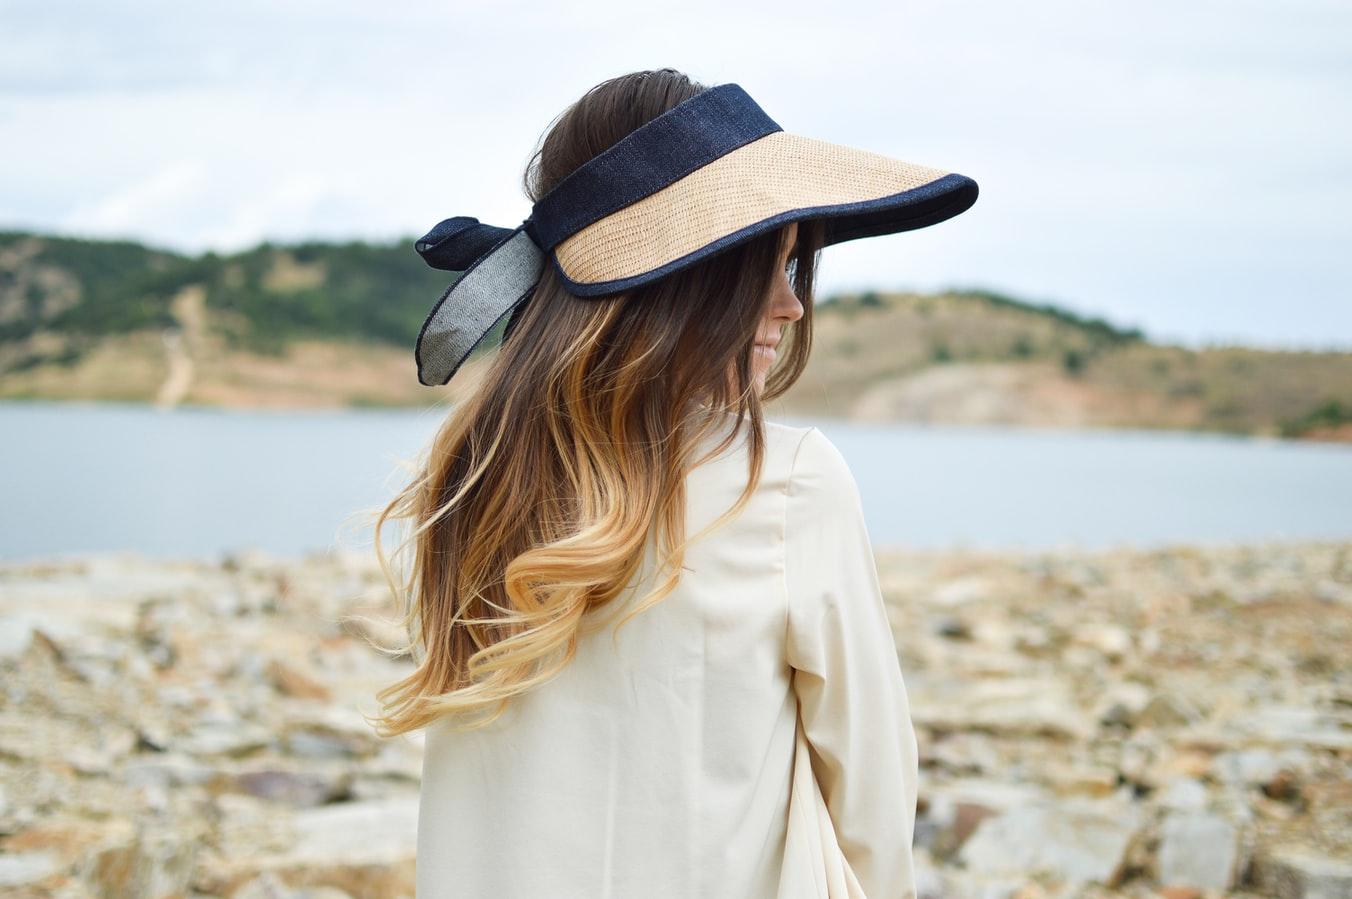 Quelle routine cheveux pendant des vacances au soleil ?